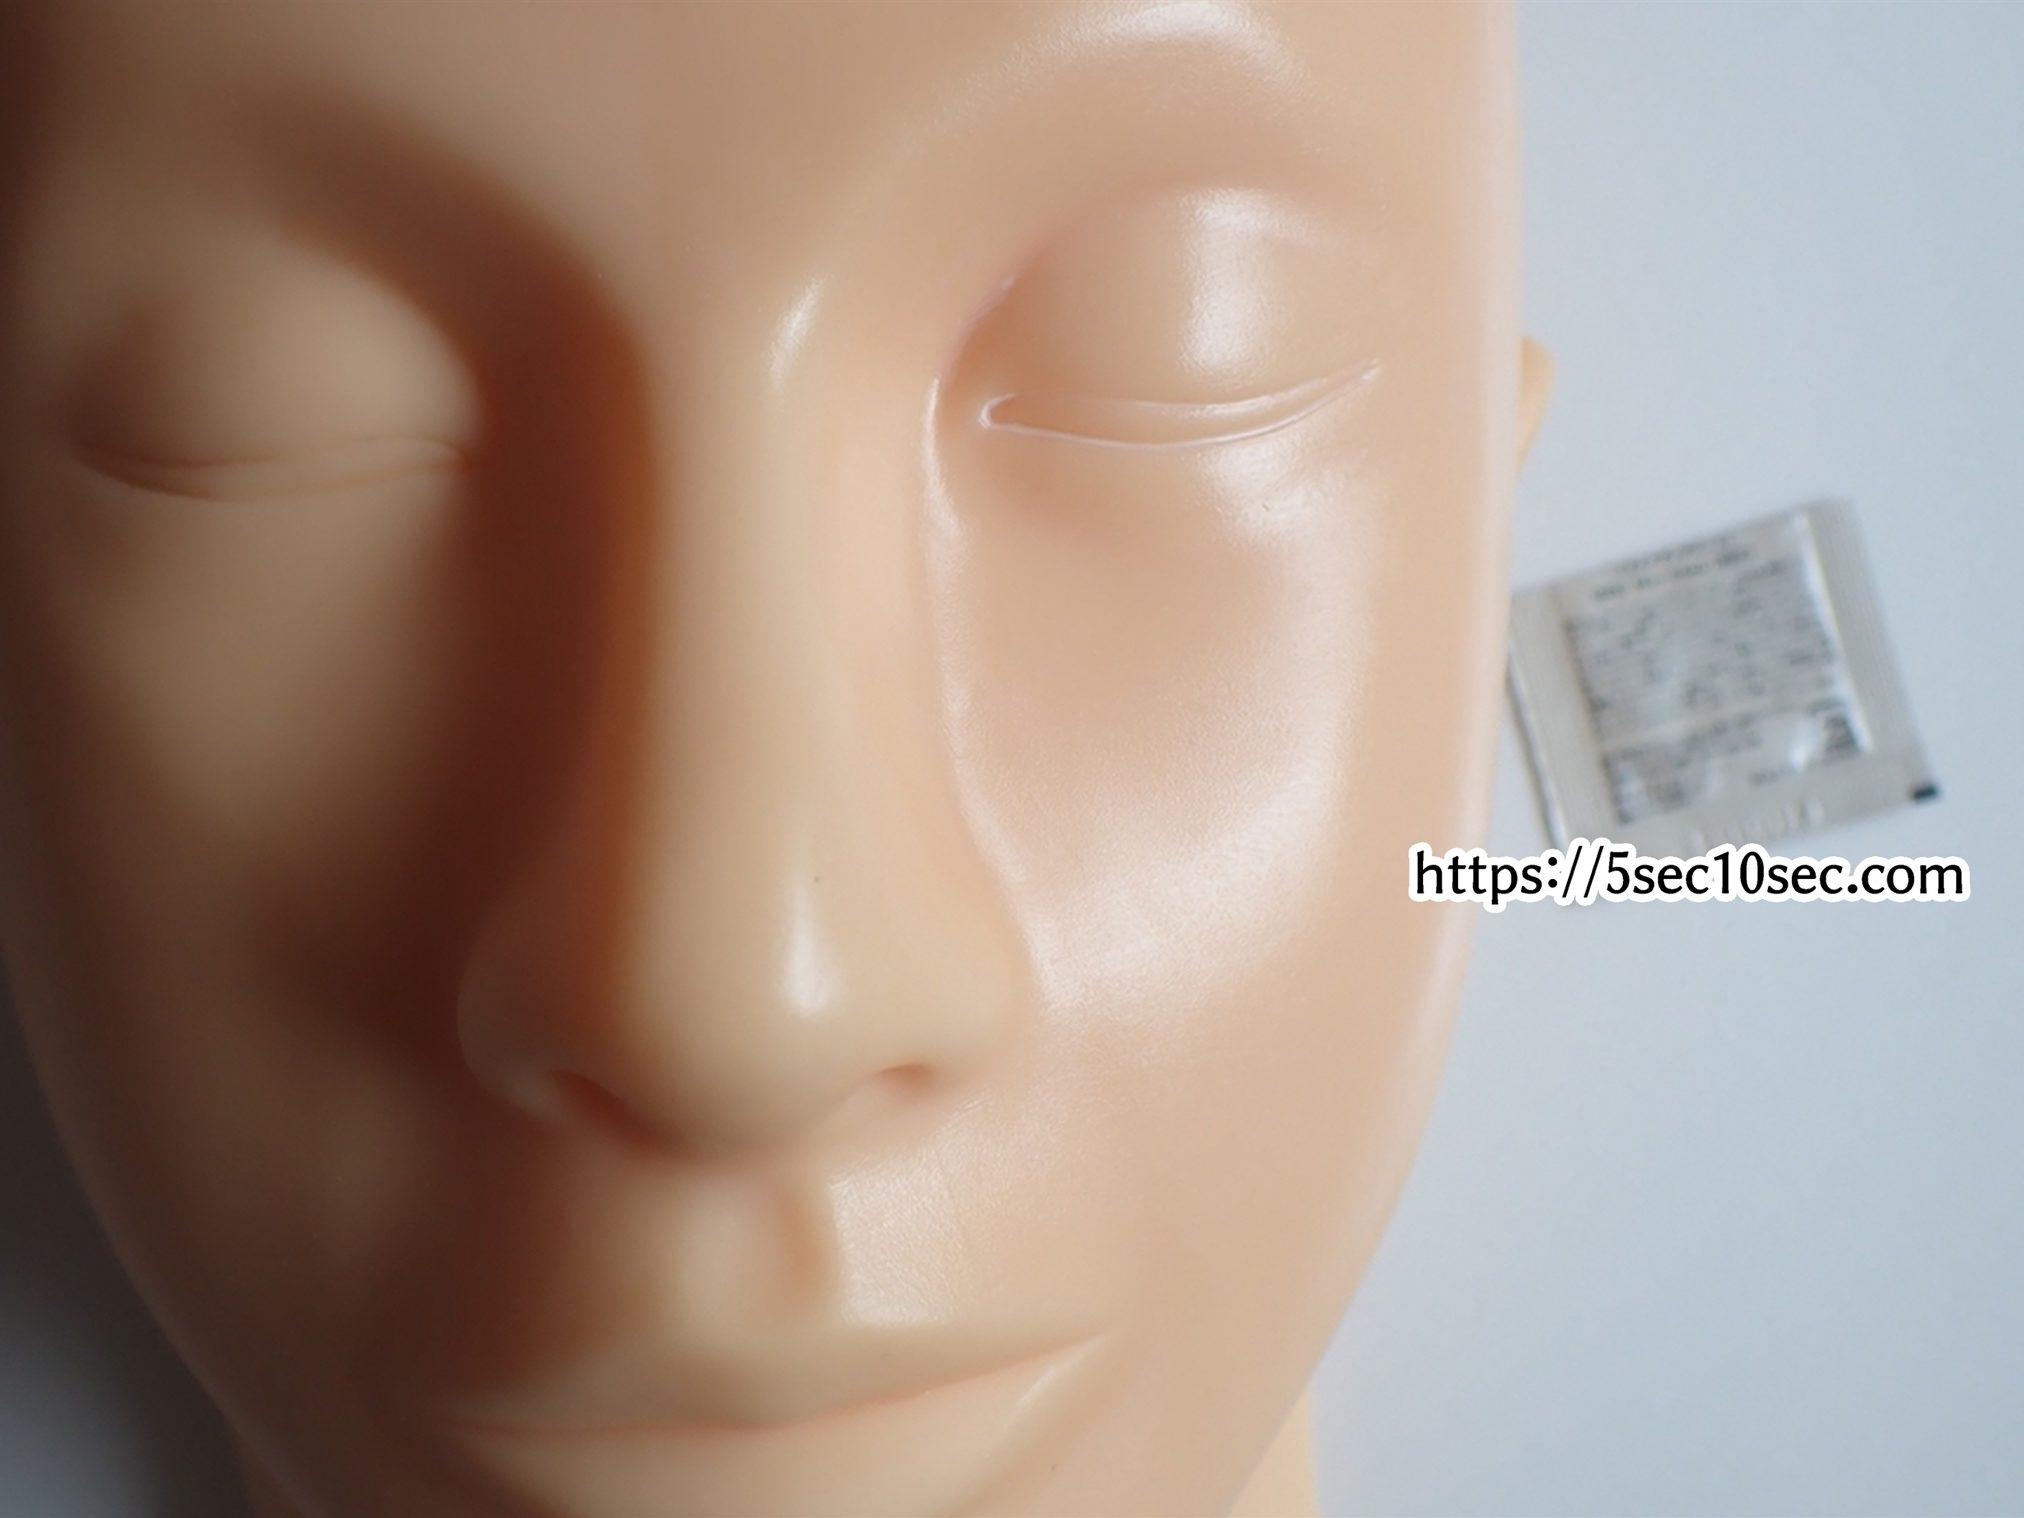 ナチュラグラッセ スキンバランシング ベース 肌に馴染ませるとこういう感じです